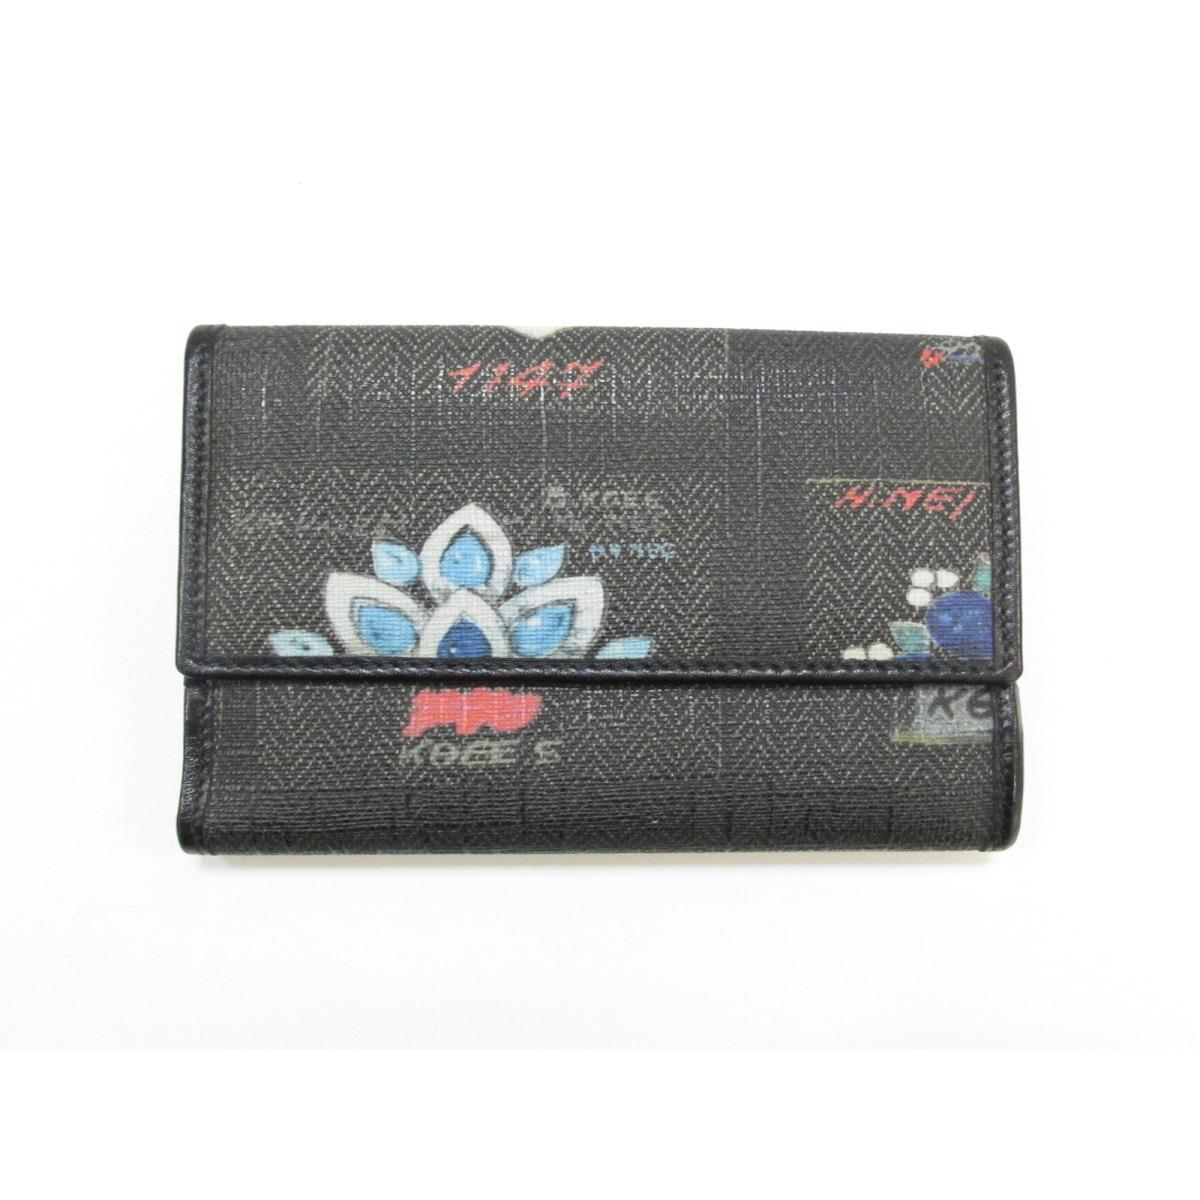 【中古】ブルガリ Wホック財布 二つ折り財布 ユニセックス 塩化ビニールコーティング×レザー ブラック×ブルー×ホワイト×レッド